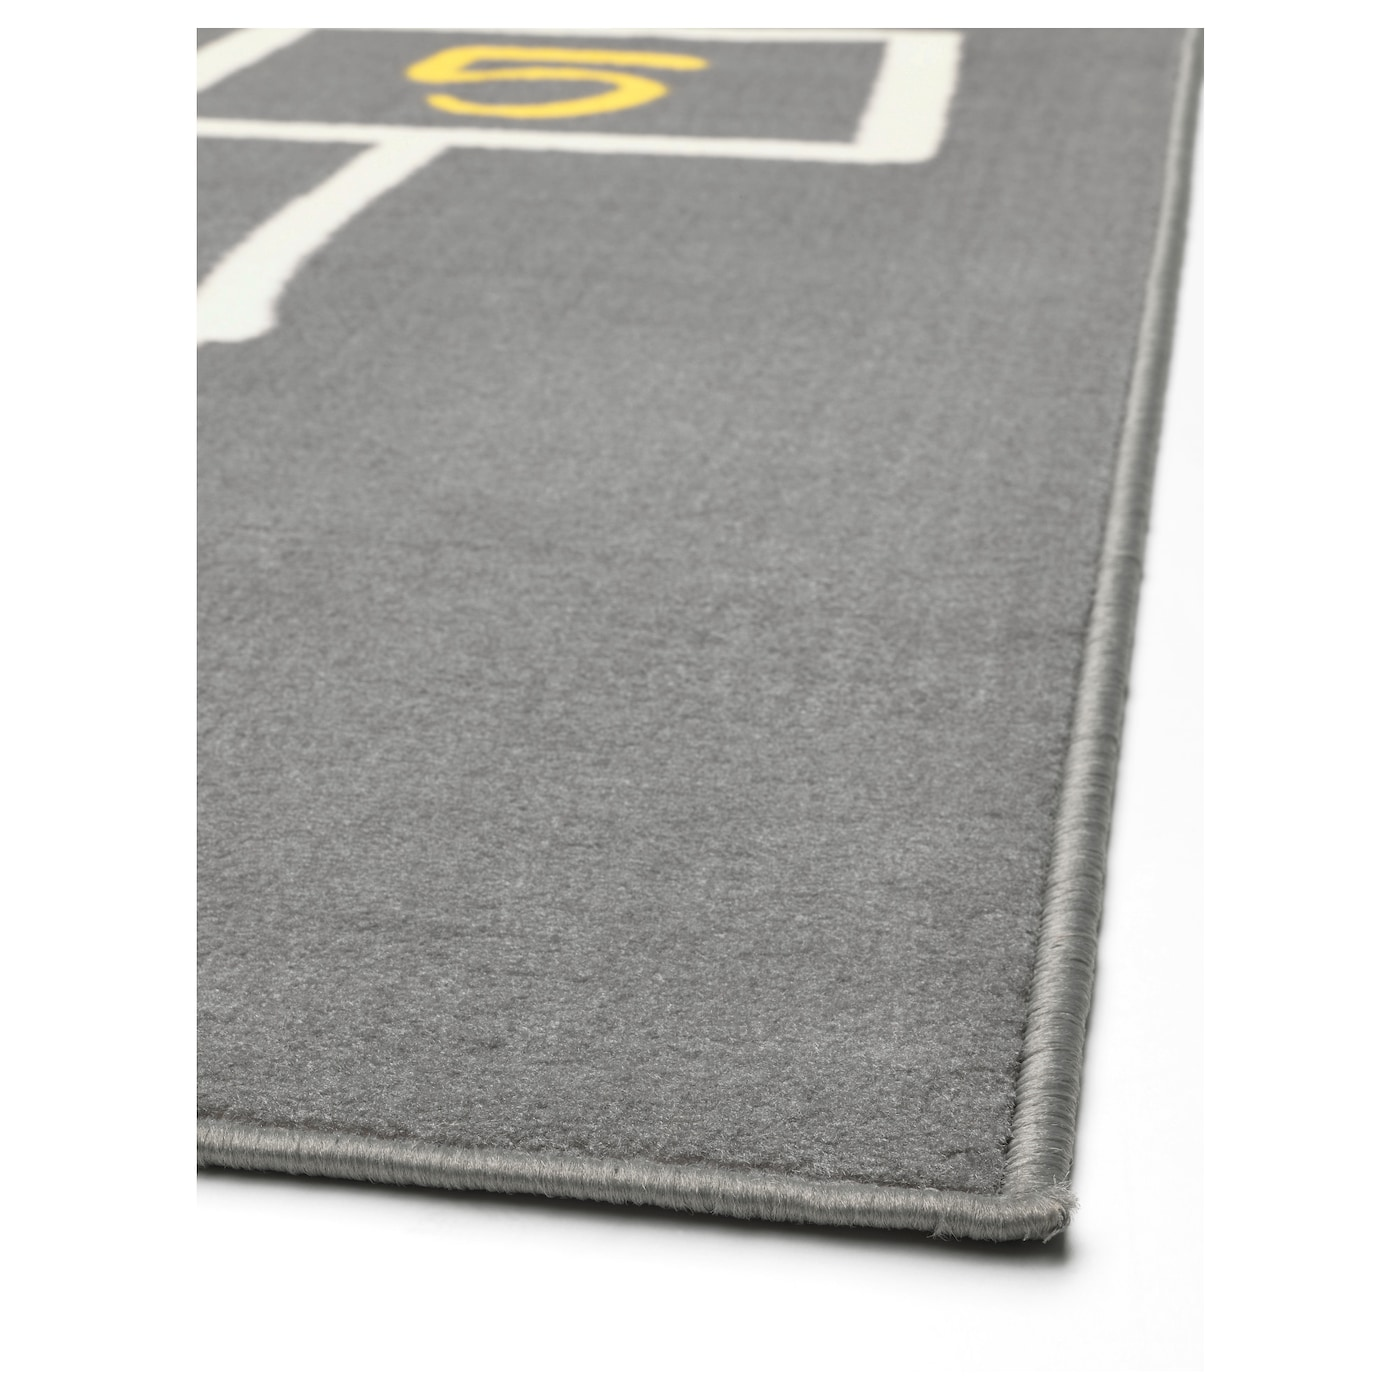 Hemmahos rug grey 100x160 cm ikea for Grey rug ikea